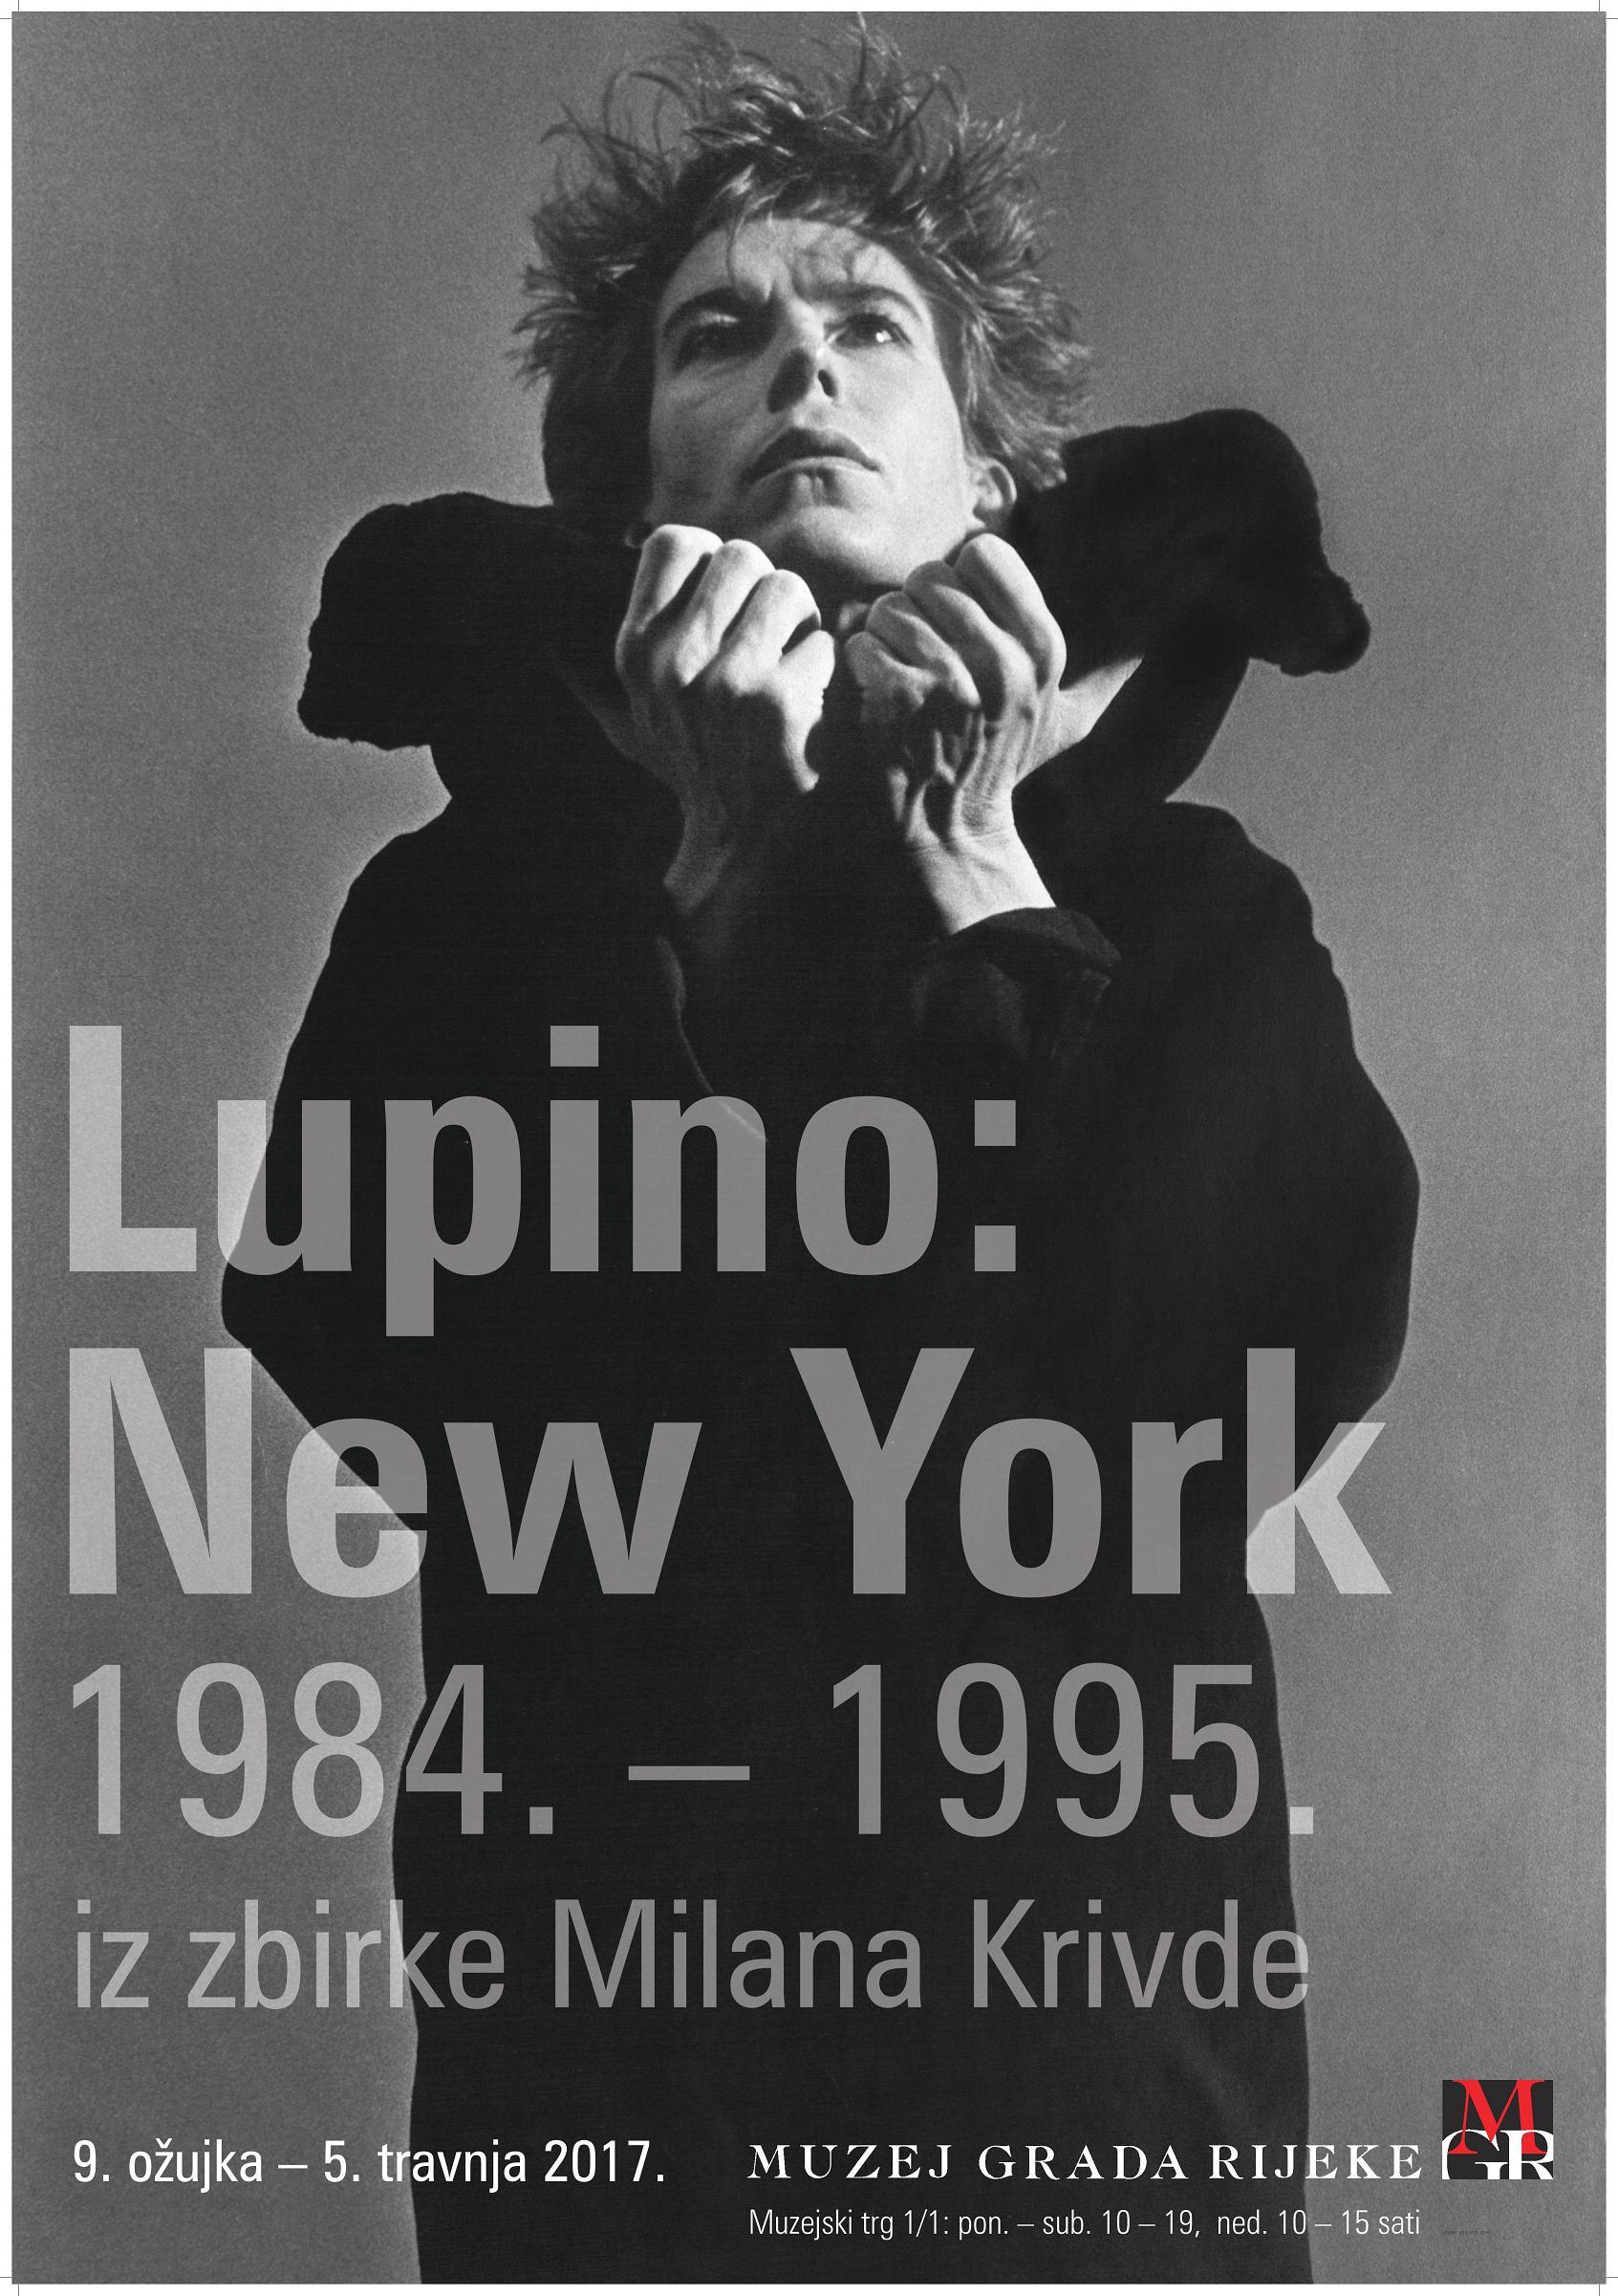 LUPINO: New York 1984.-1995.